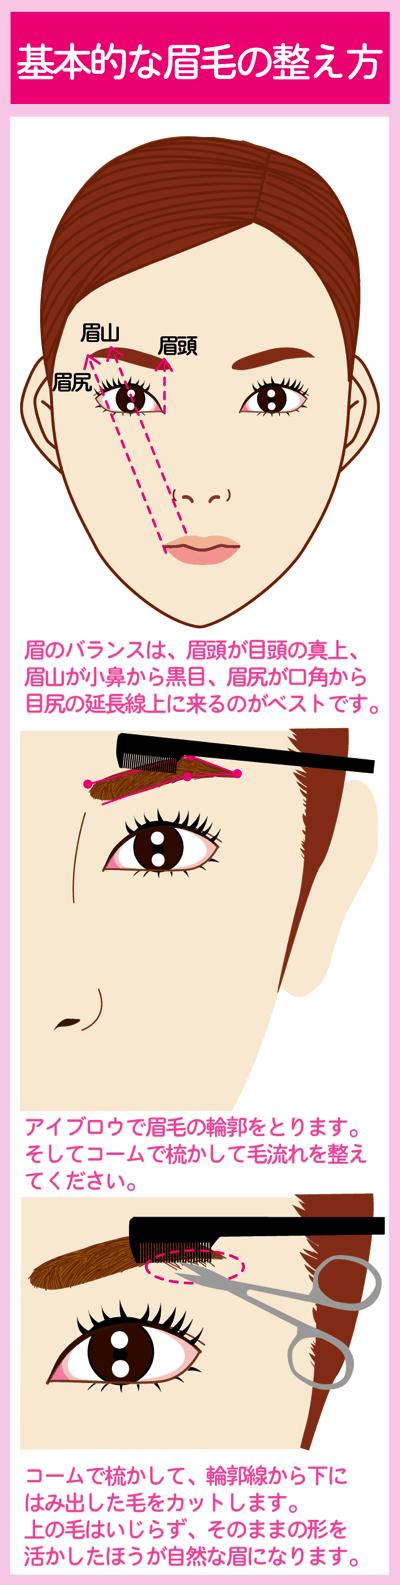 基本的な眉毛の整え方